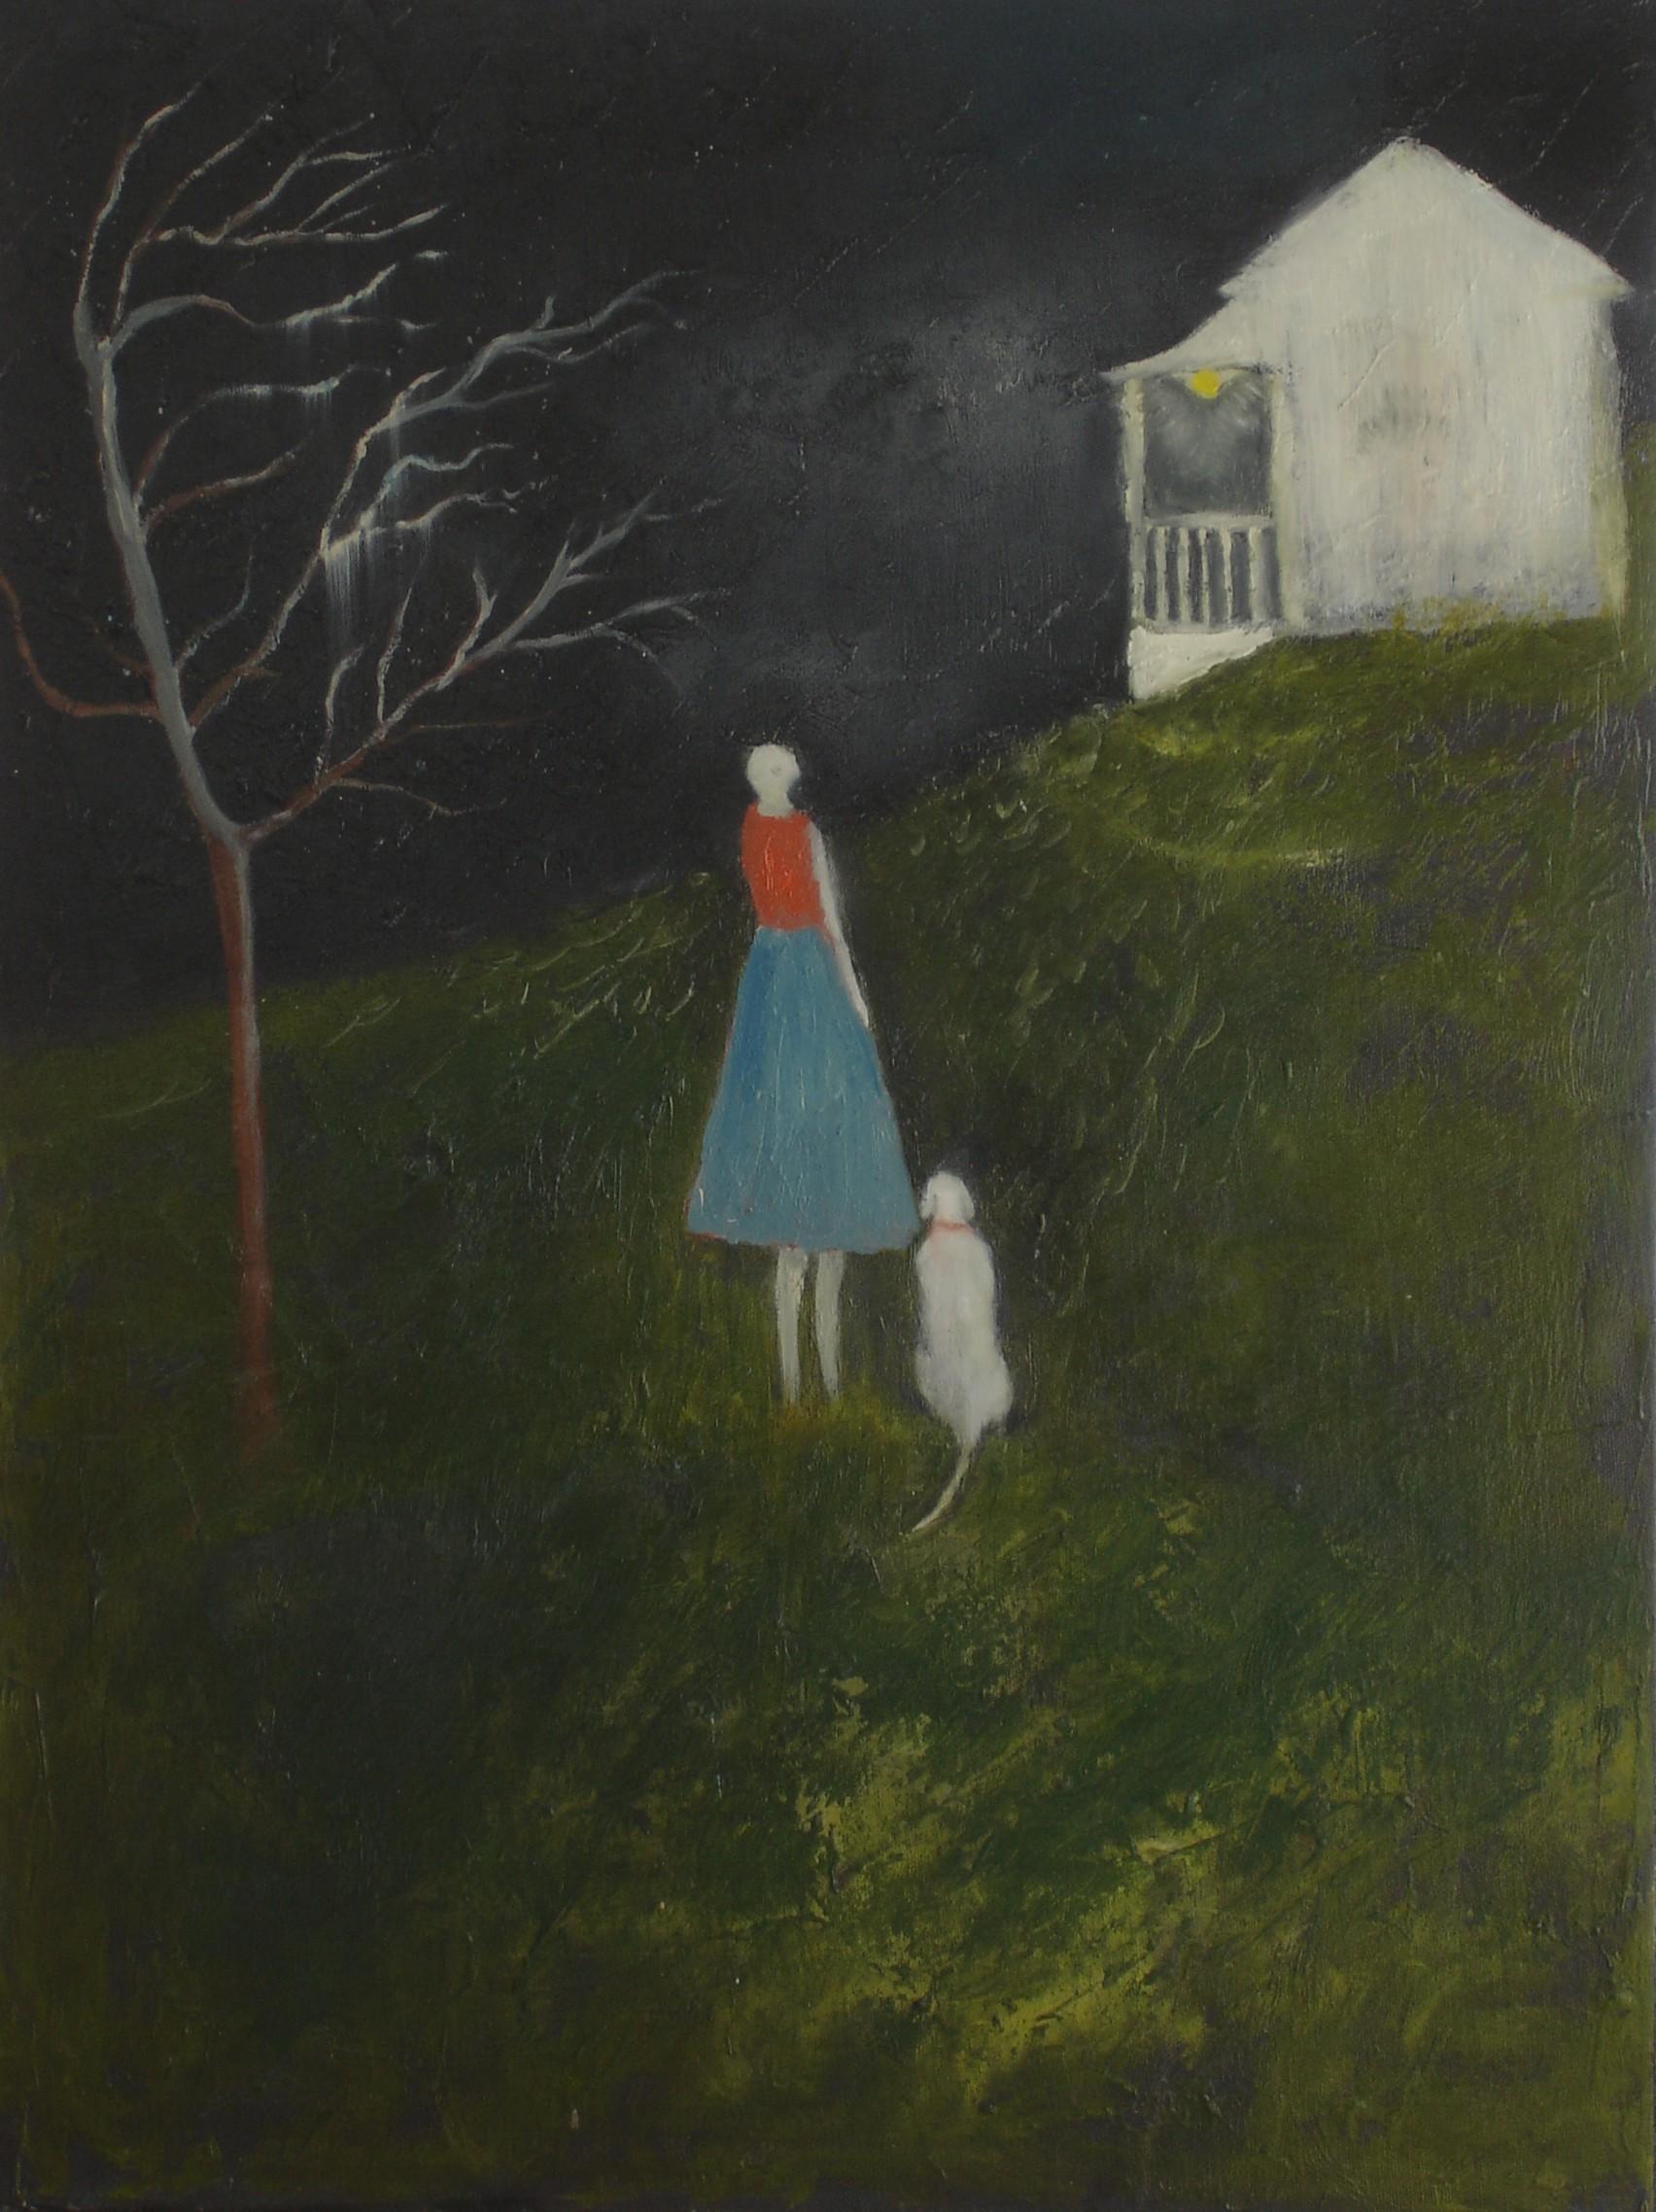 Porchlight by Jeanie Tomanek